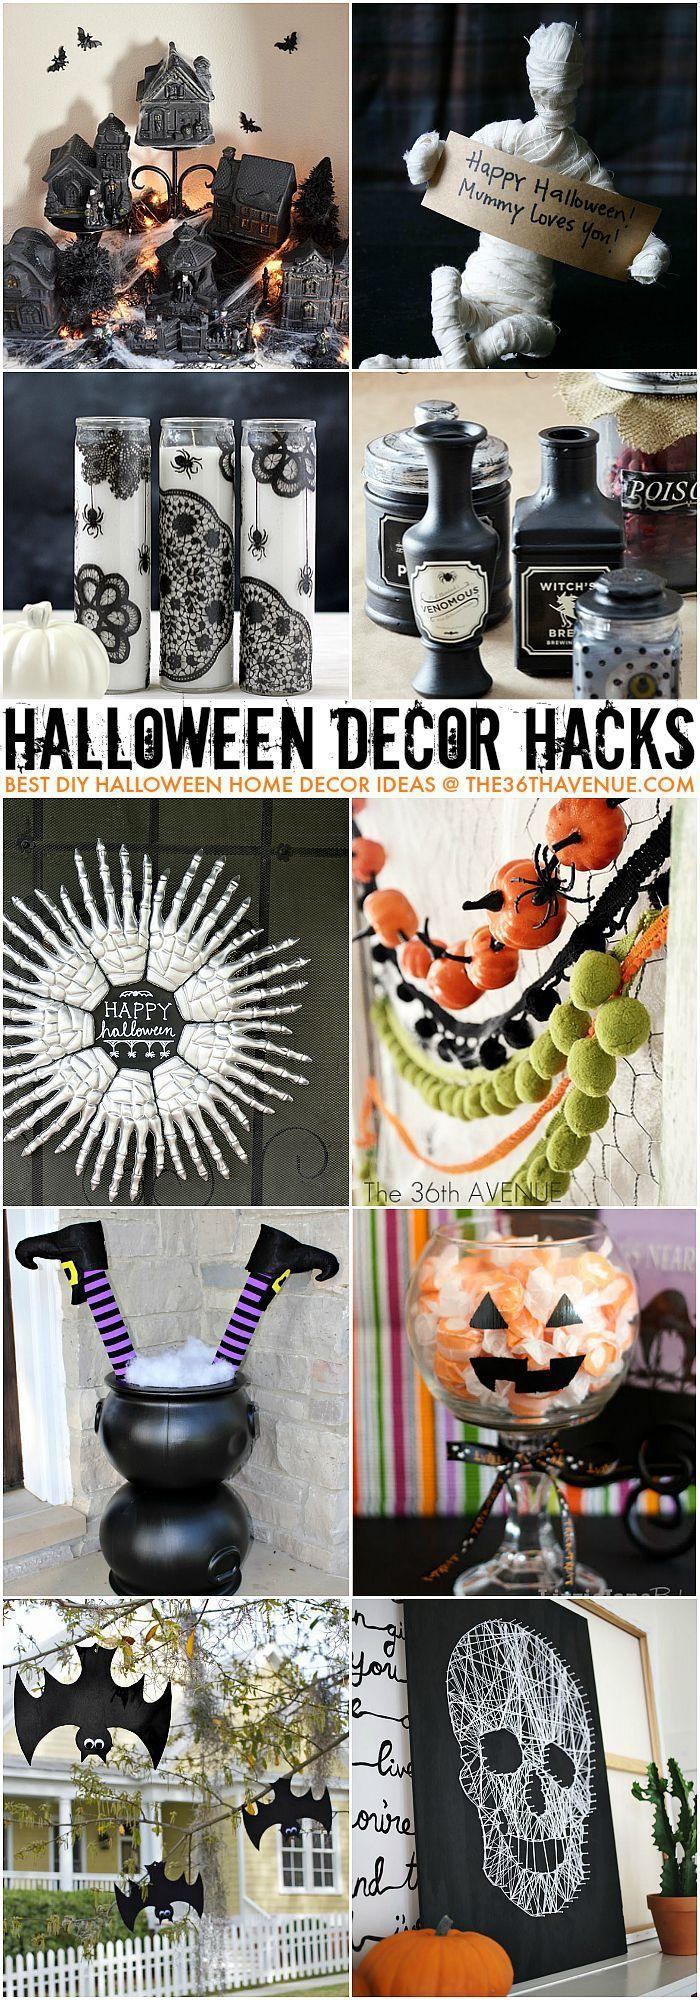 Decoración de Halloween Ideas y Hacks en the36thavenue.com